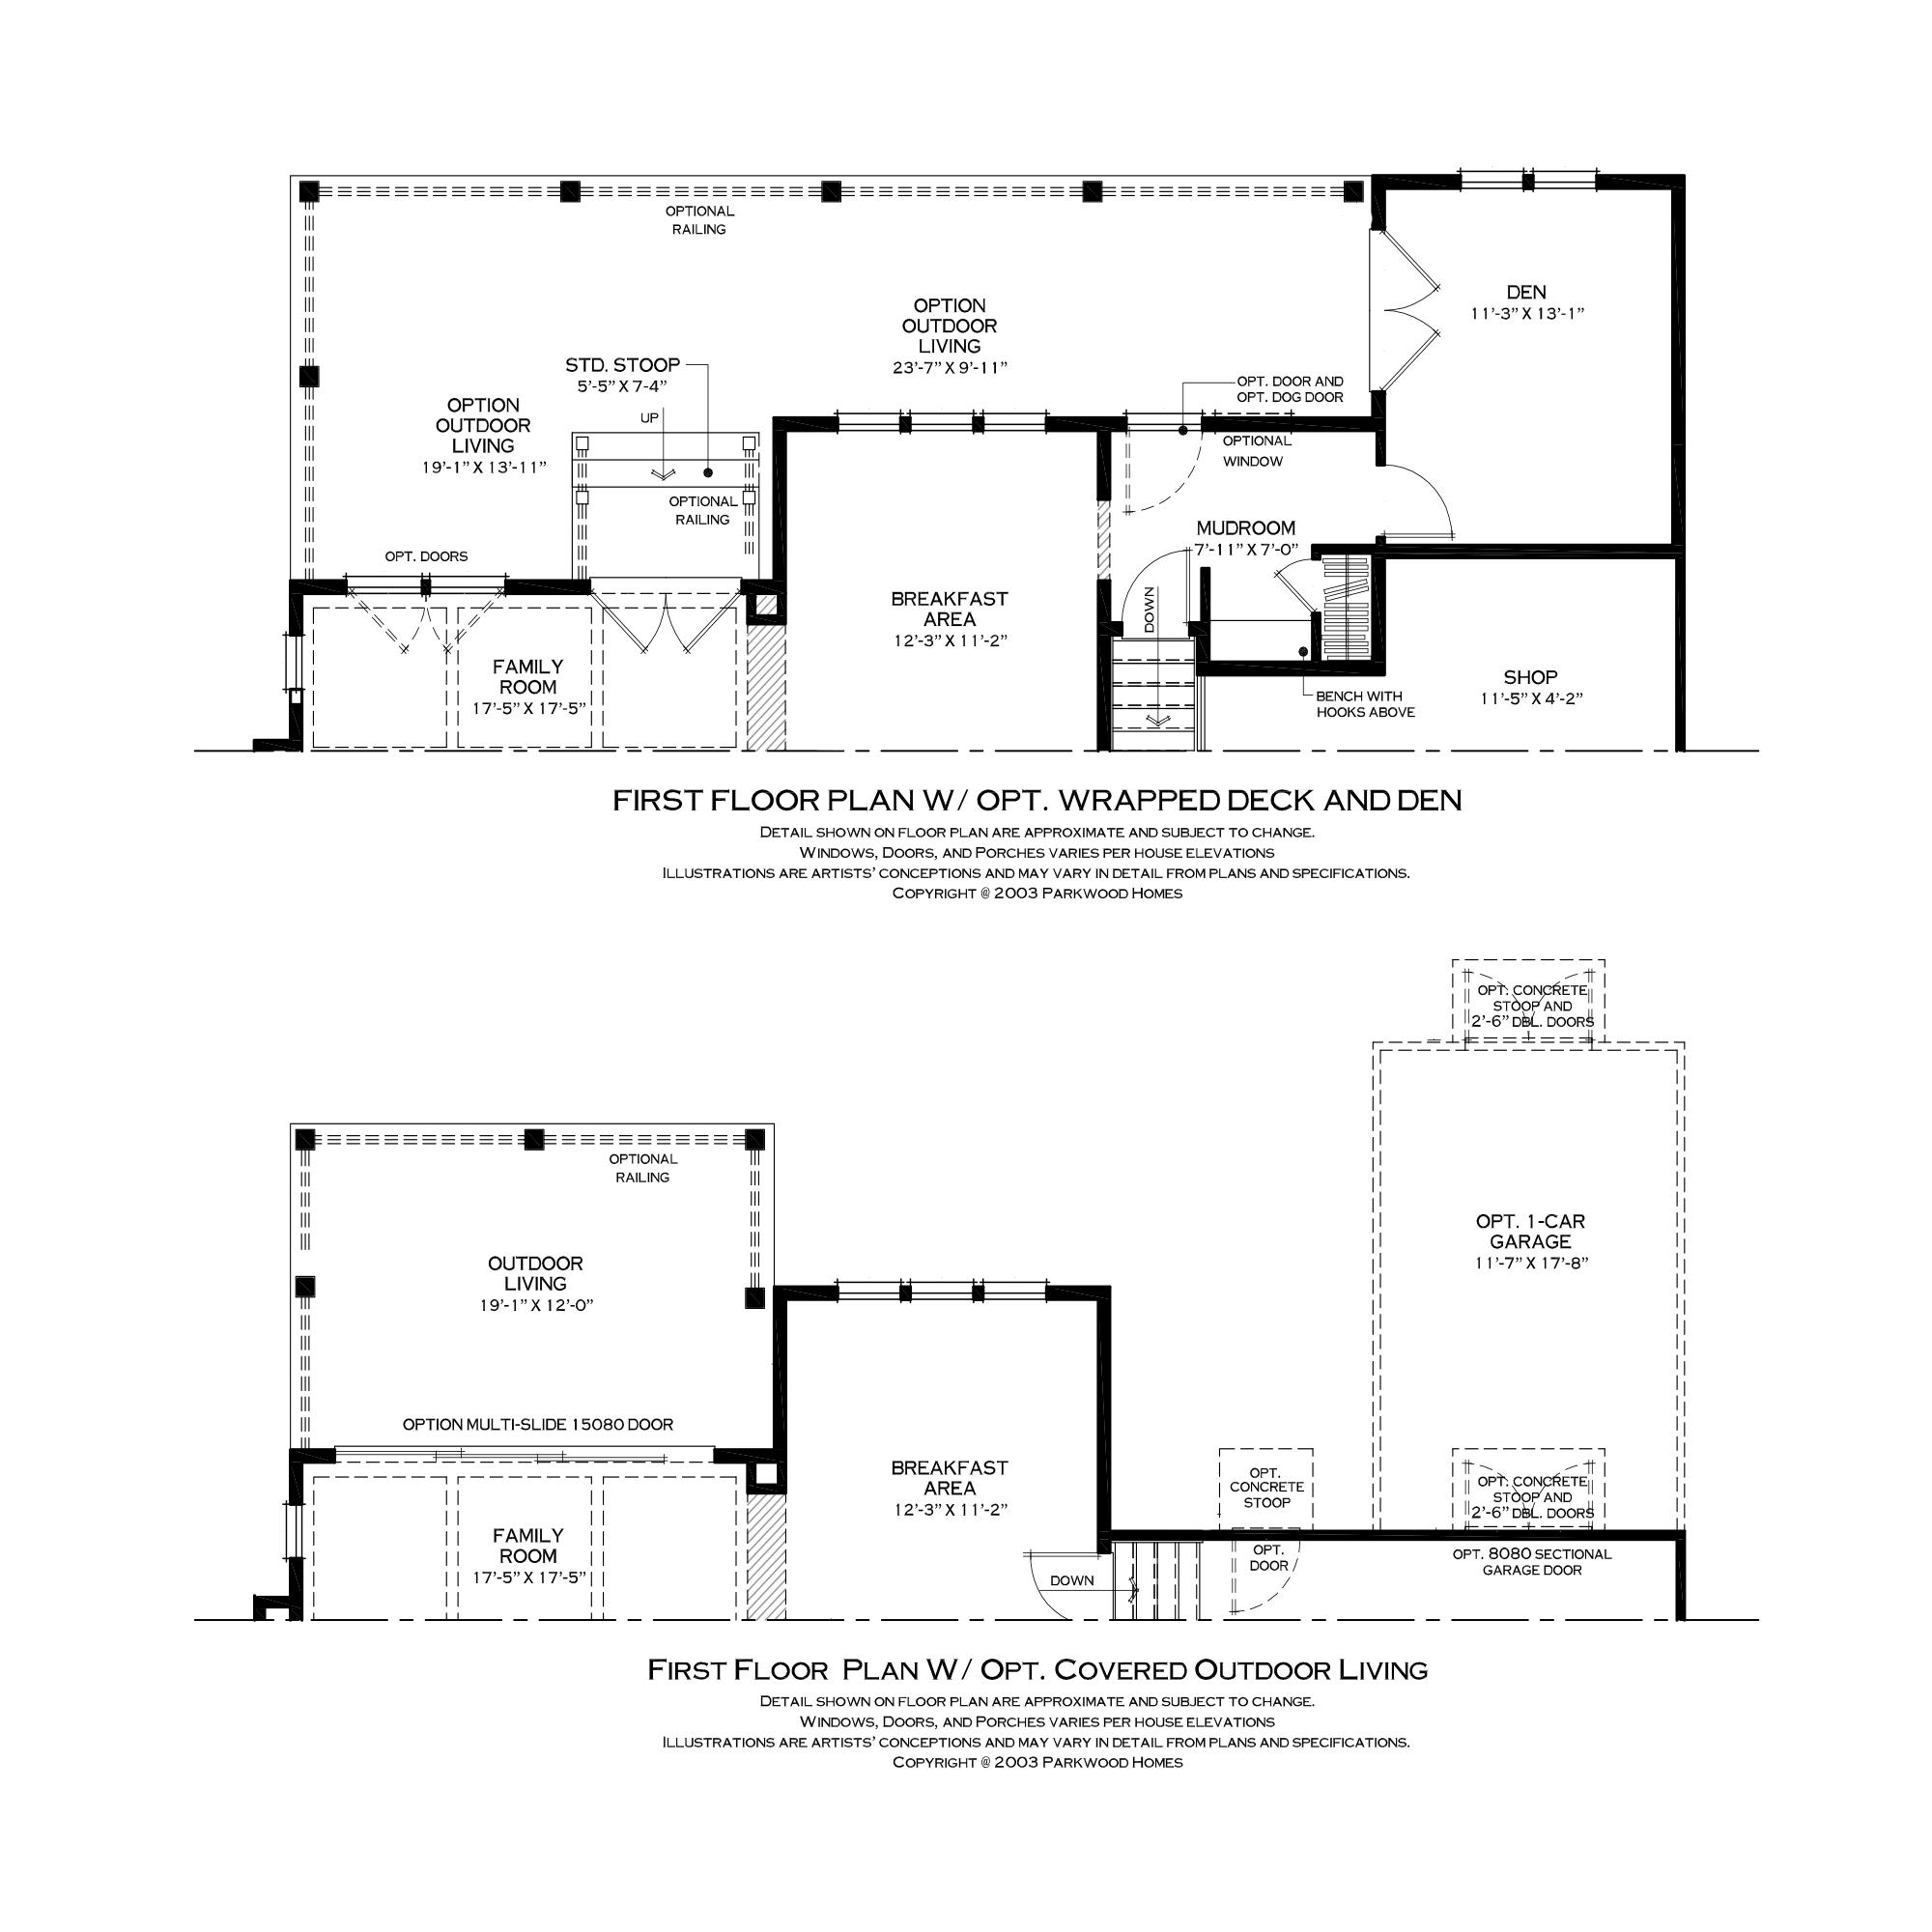 First Floor Outdoor Living Options